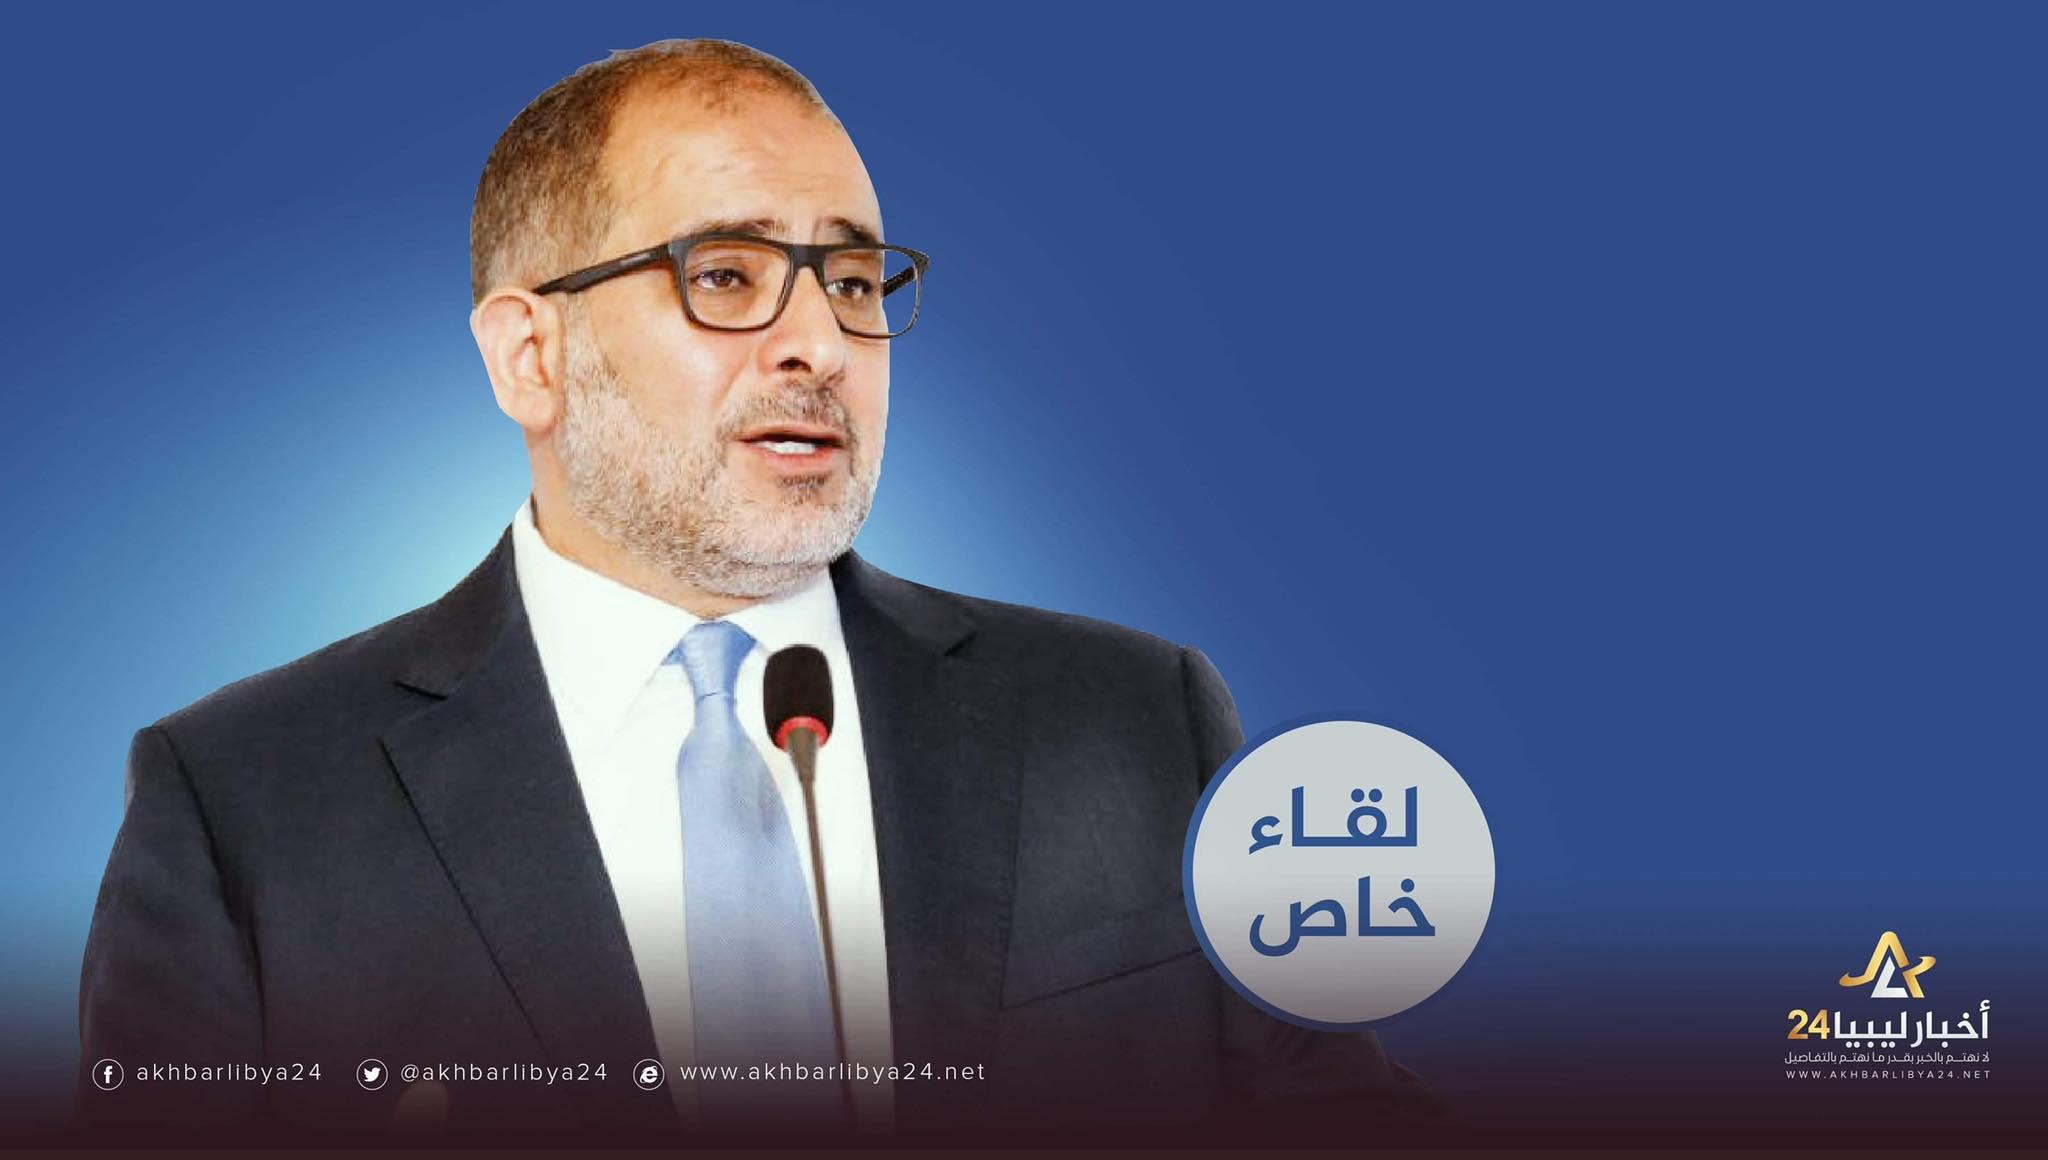 """صورة النايض لـ""""أخبار ليبيا24″: صنع الله حاول فرض القوة القاهرة على النفط والمركزي أصبح بمثابة آلة سحب ذاتي للجماعات المتطرفة"""